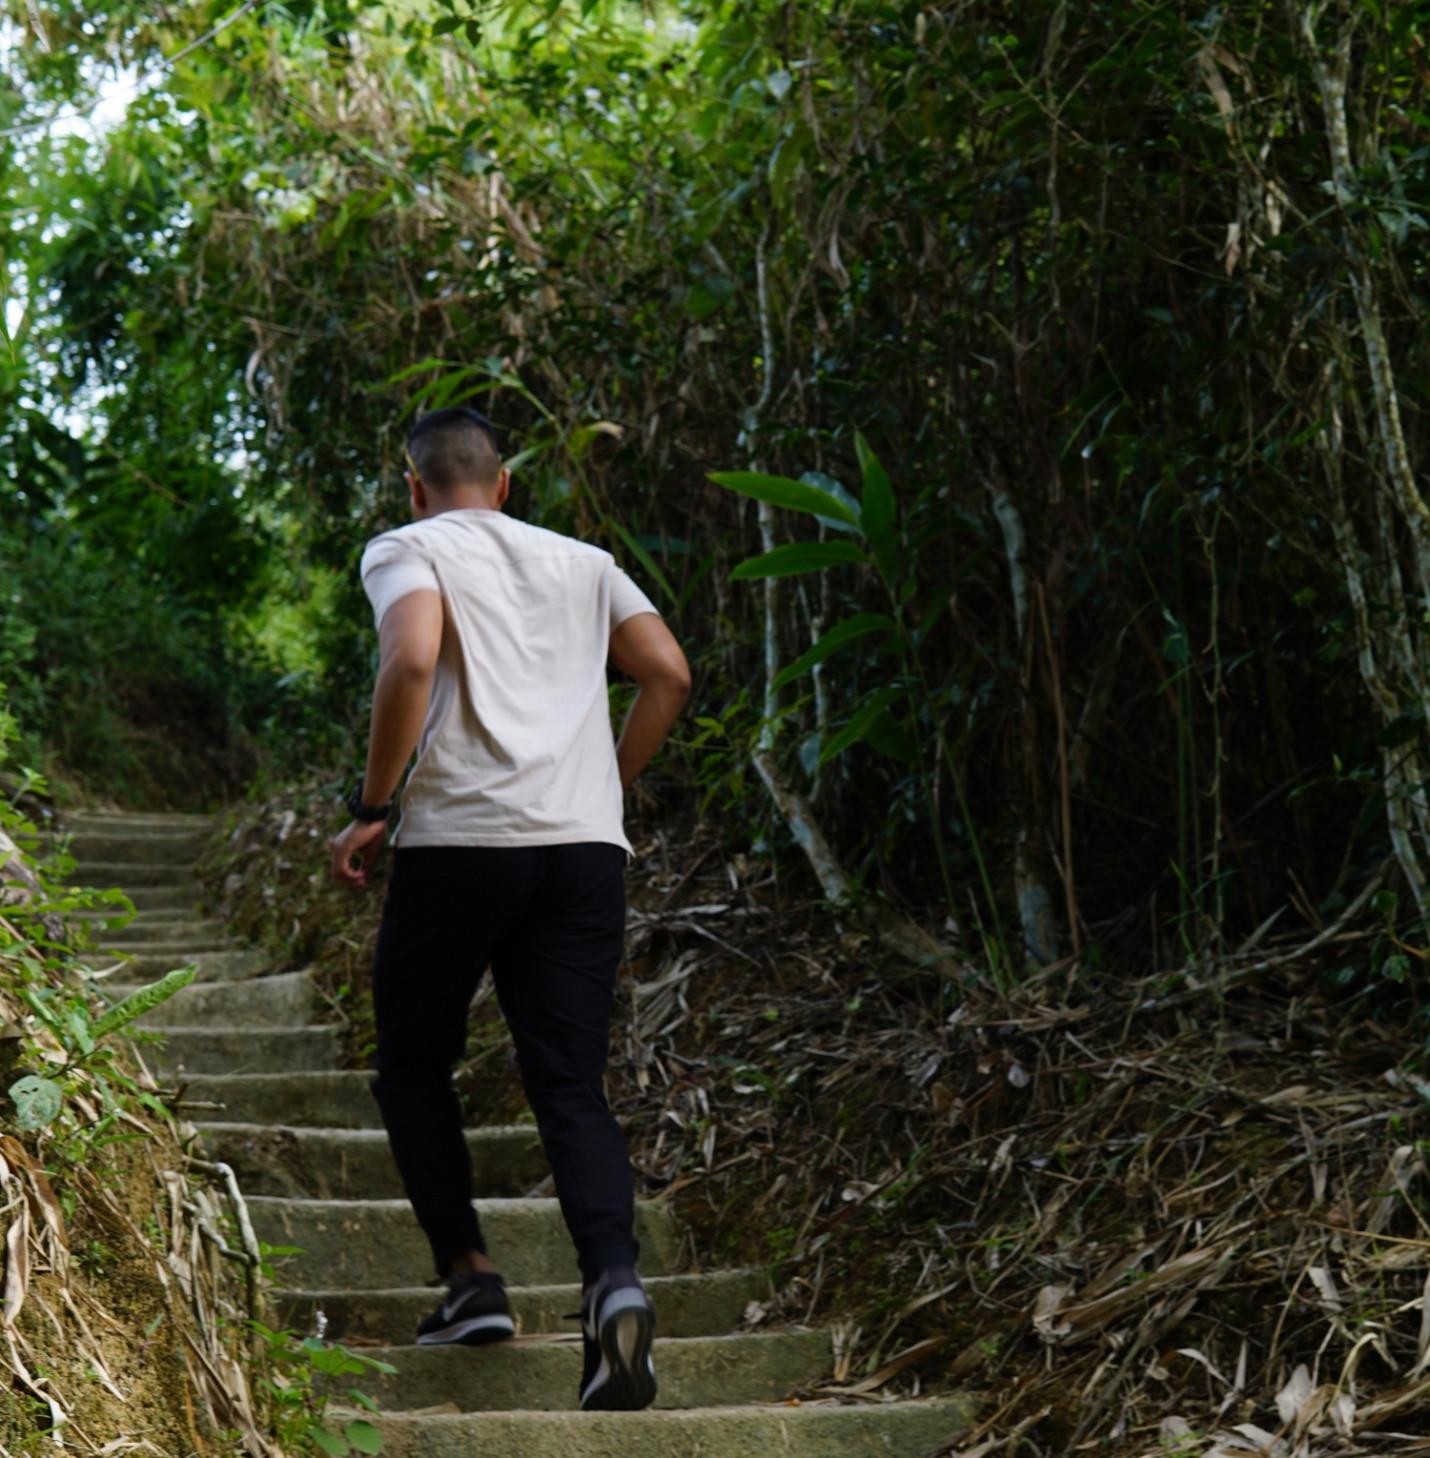 Bạn đã bao giờ nghĩ đến việc chạy bộ khi đi du lịch ? - 1